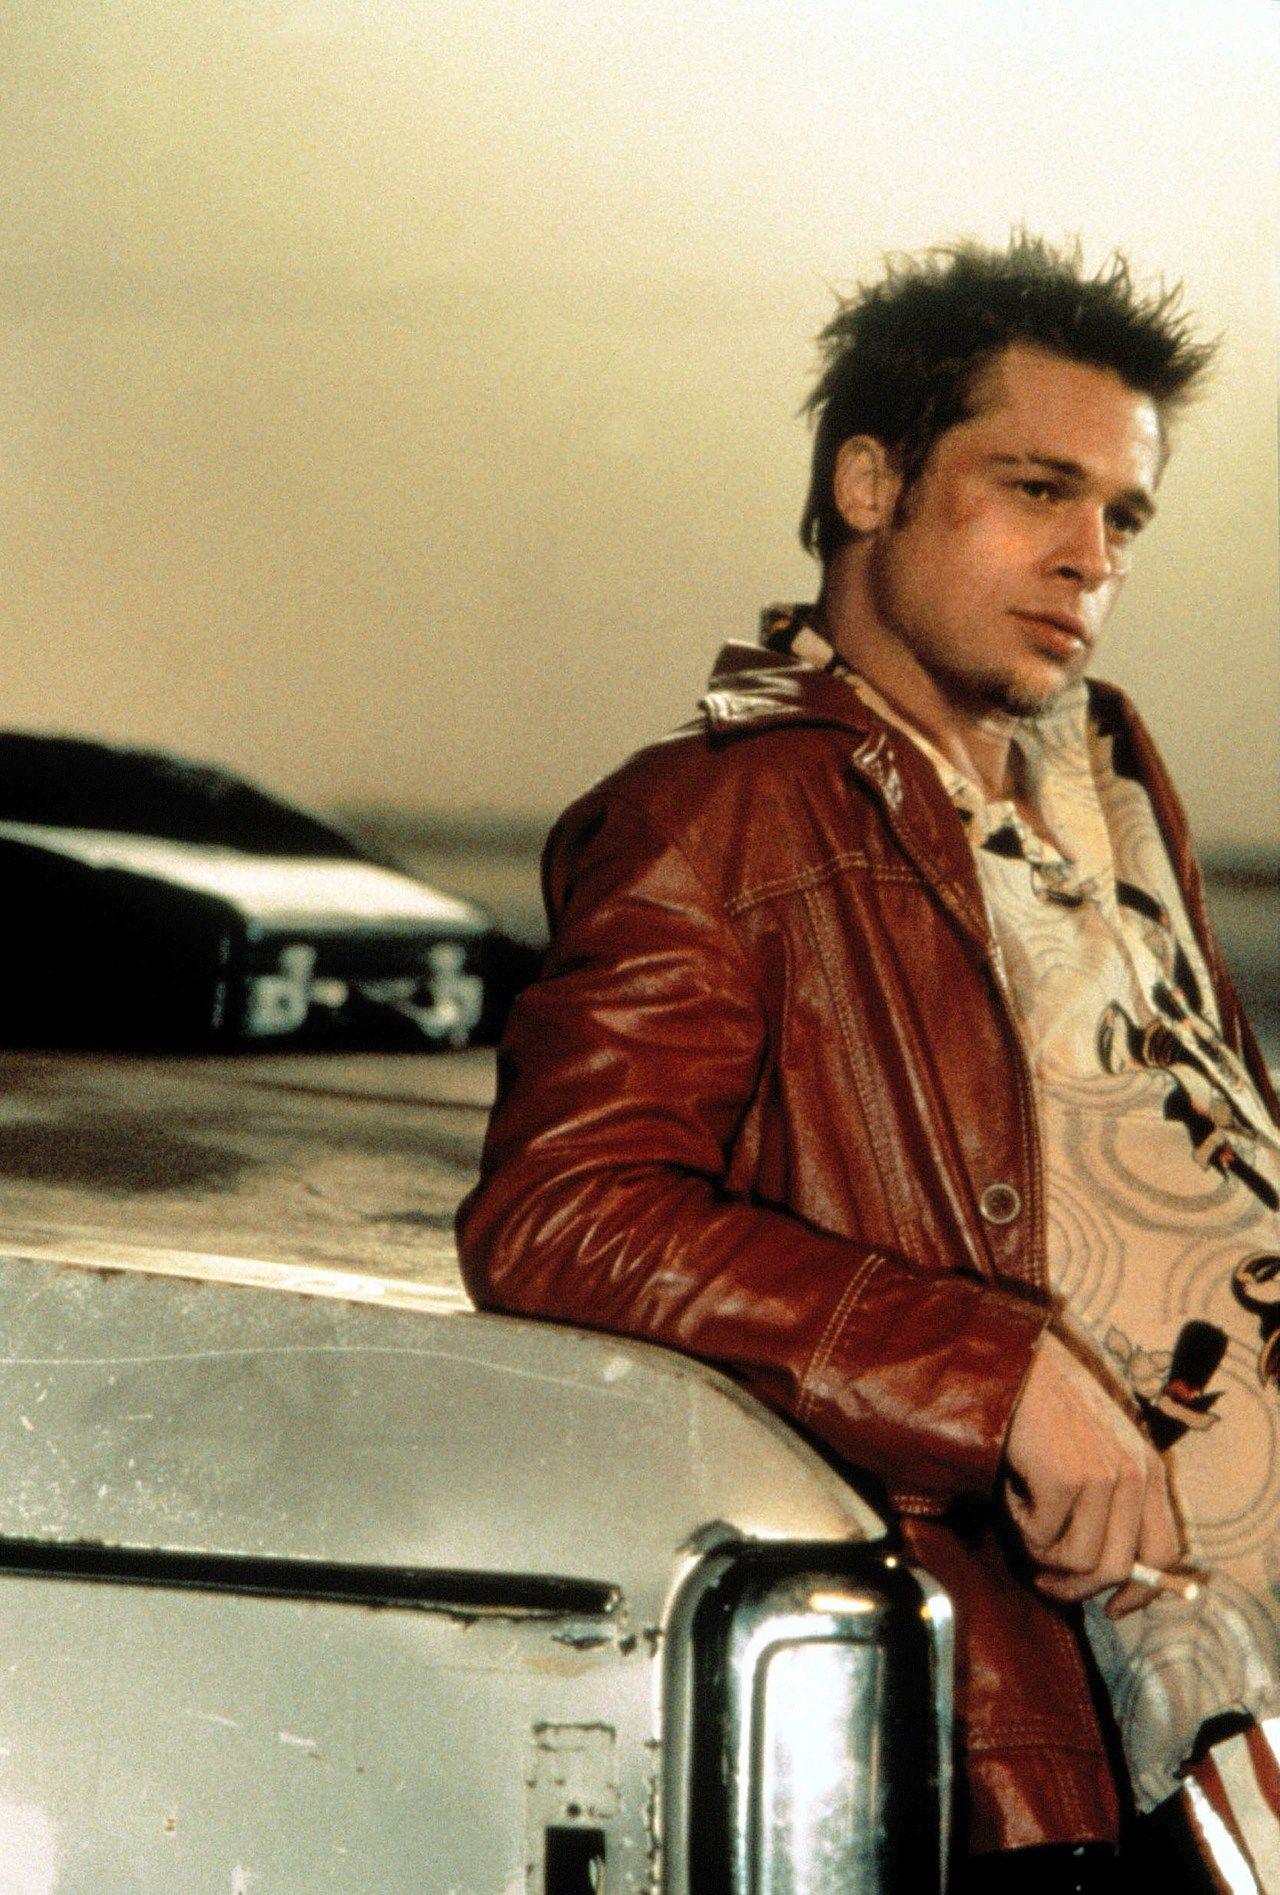 Brad Pitt as Tyler Durden   Clothes // Accessories